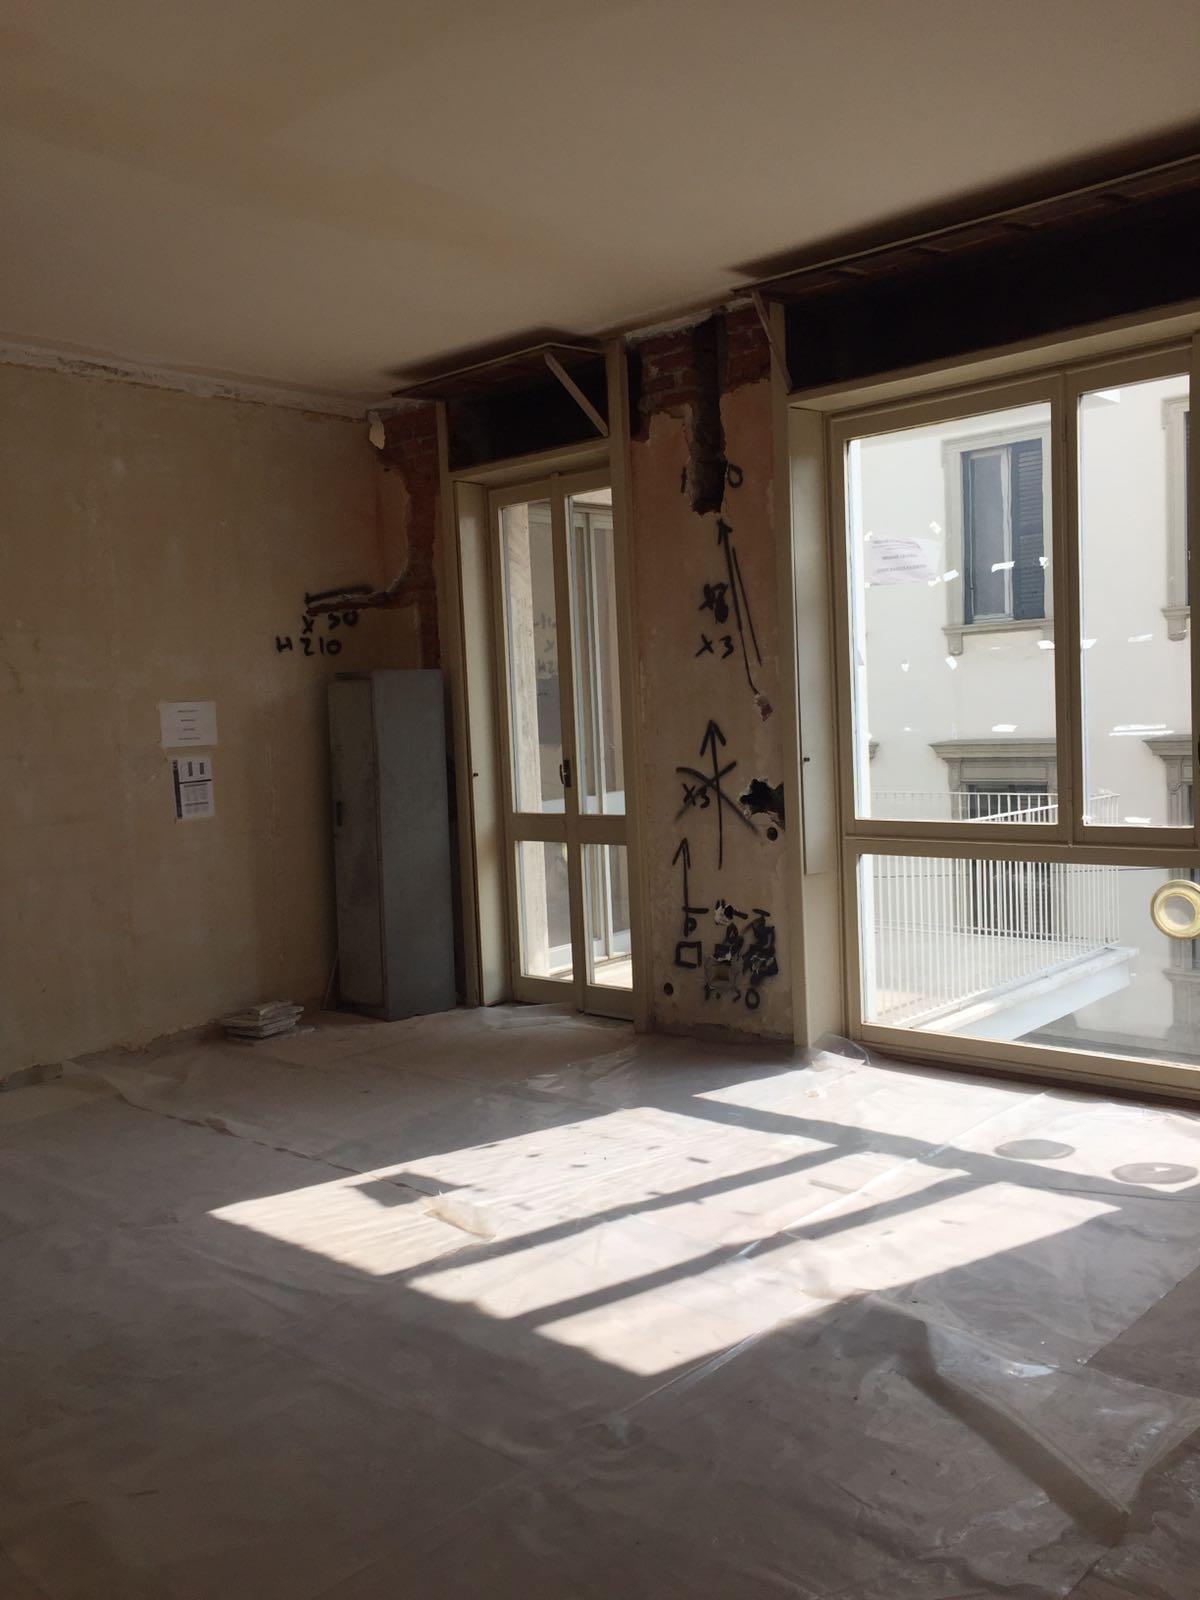 1. Allestimento cantiere con protezione dei pavimenti esistenti con l'ausilio di telo plastico e tracciamenti impianto elettrico a parete: lavori in corso.